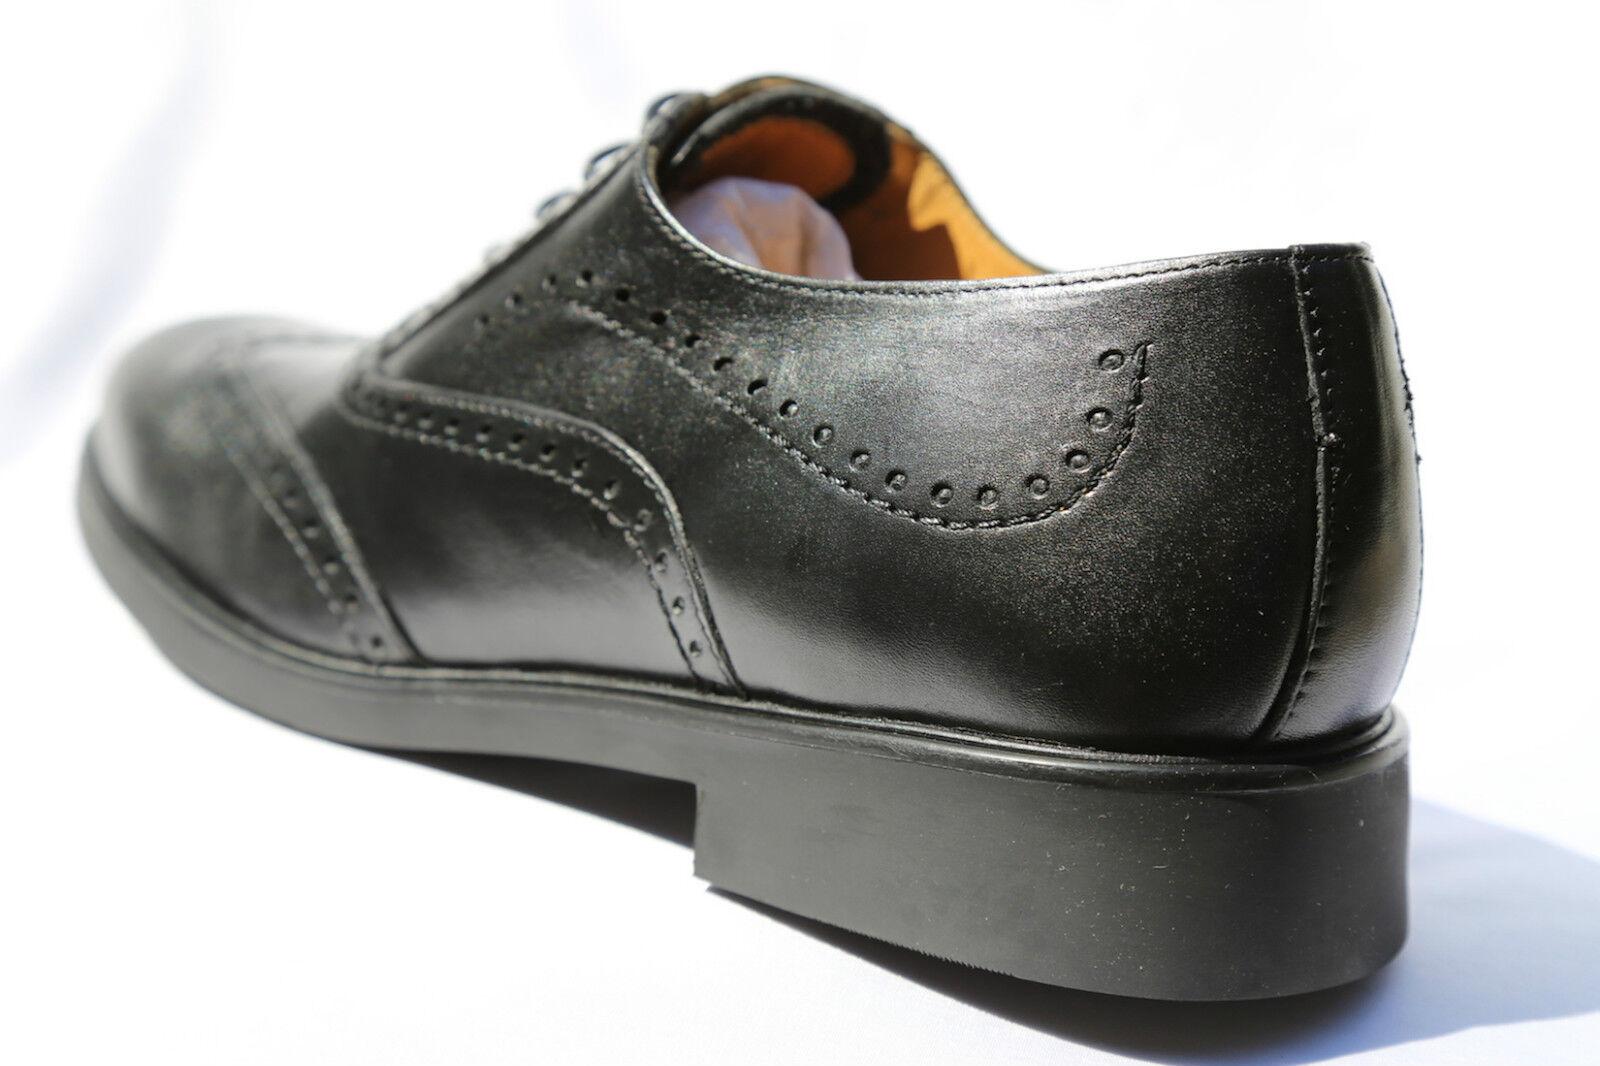 chaussures richelieu de ville homme cuir noir eur 79 00 picclick fr. Black Bedroom Furniture Sets. Home Design Ideas